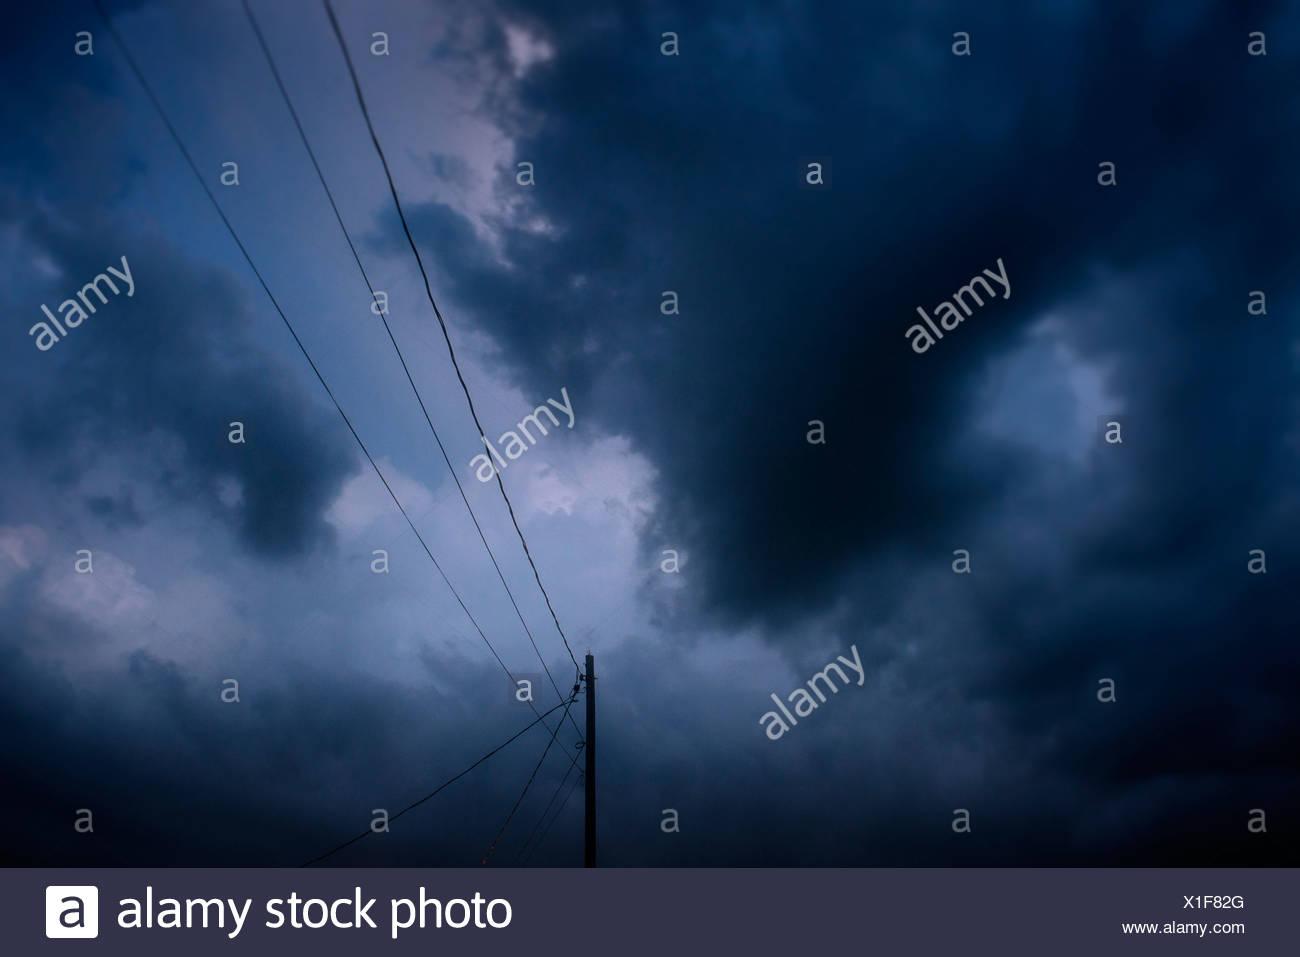 Ausstehende Sturm und Powerline. Stockbild